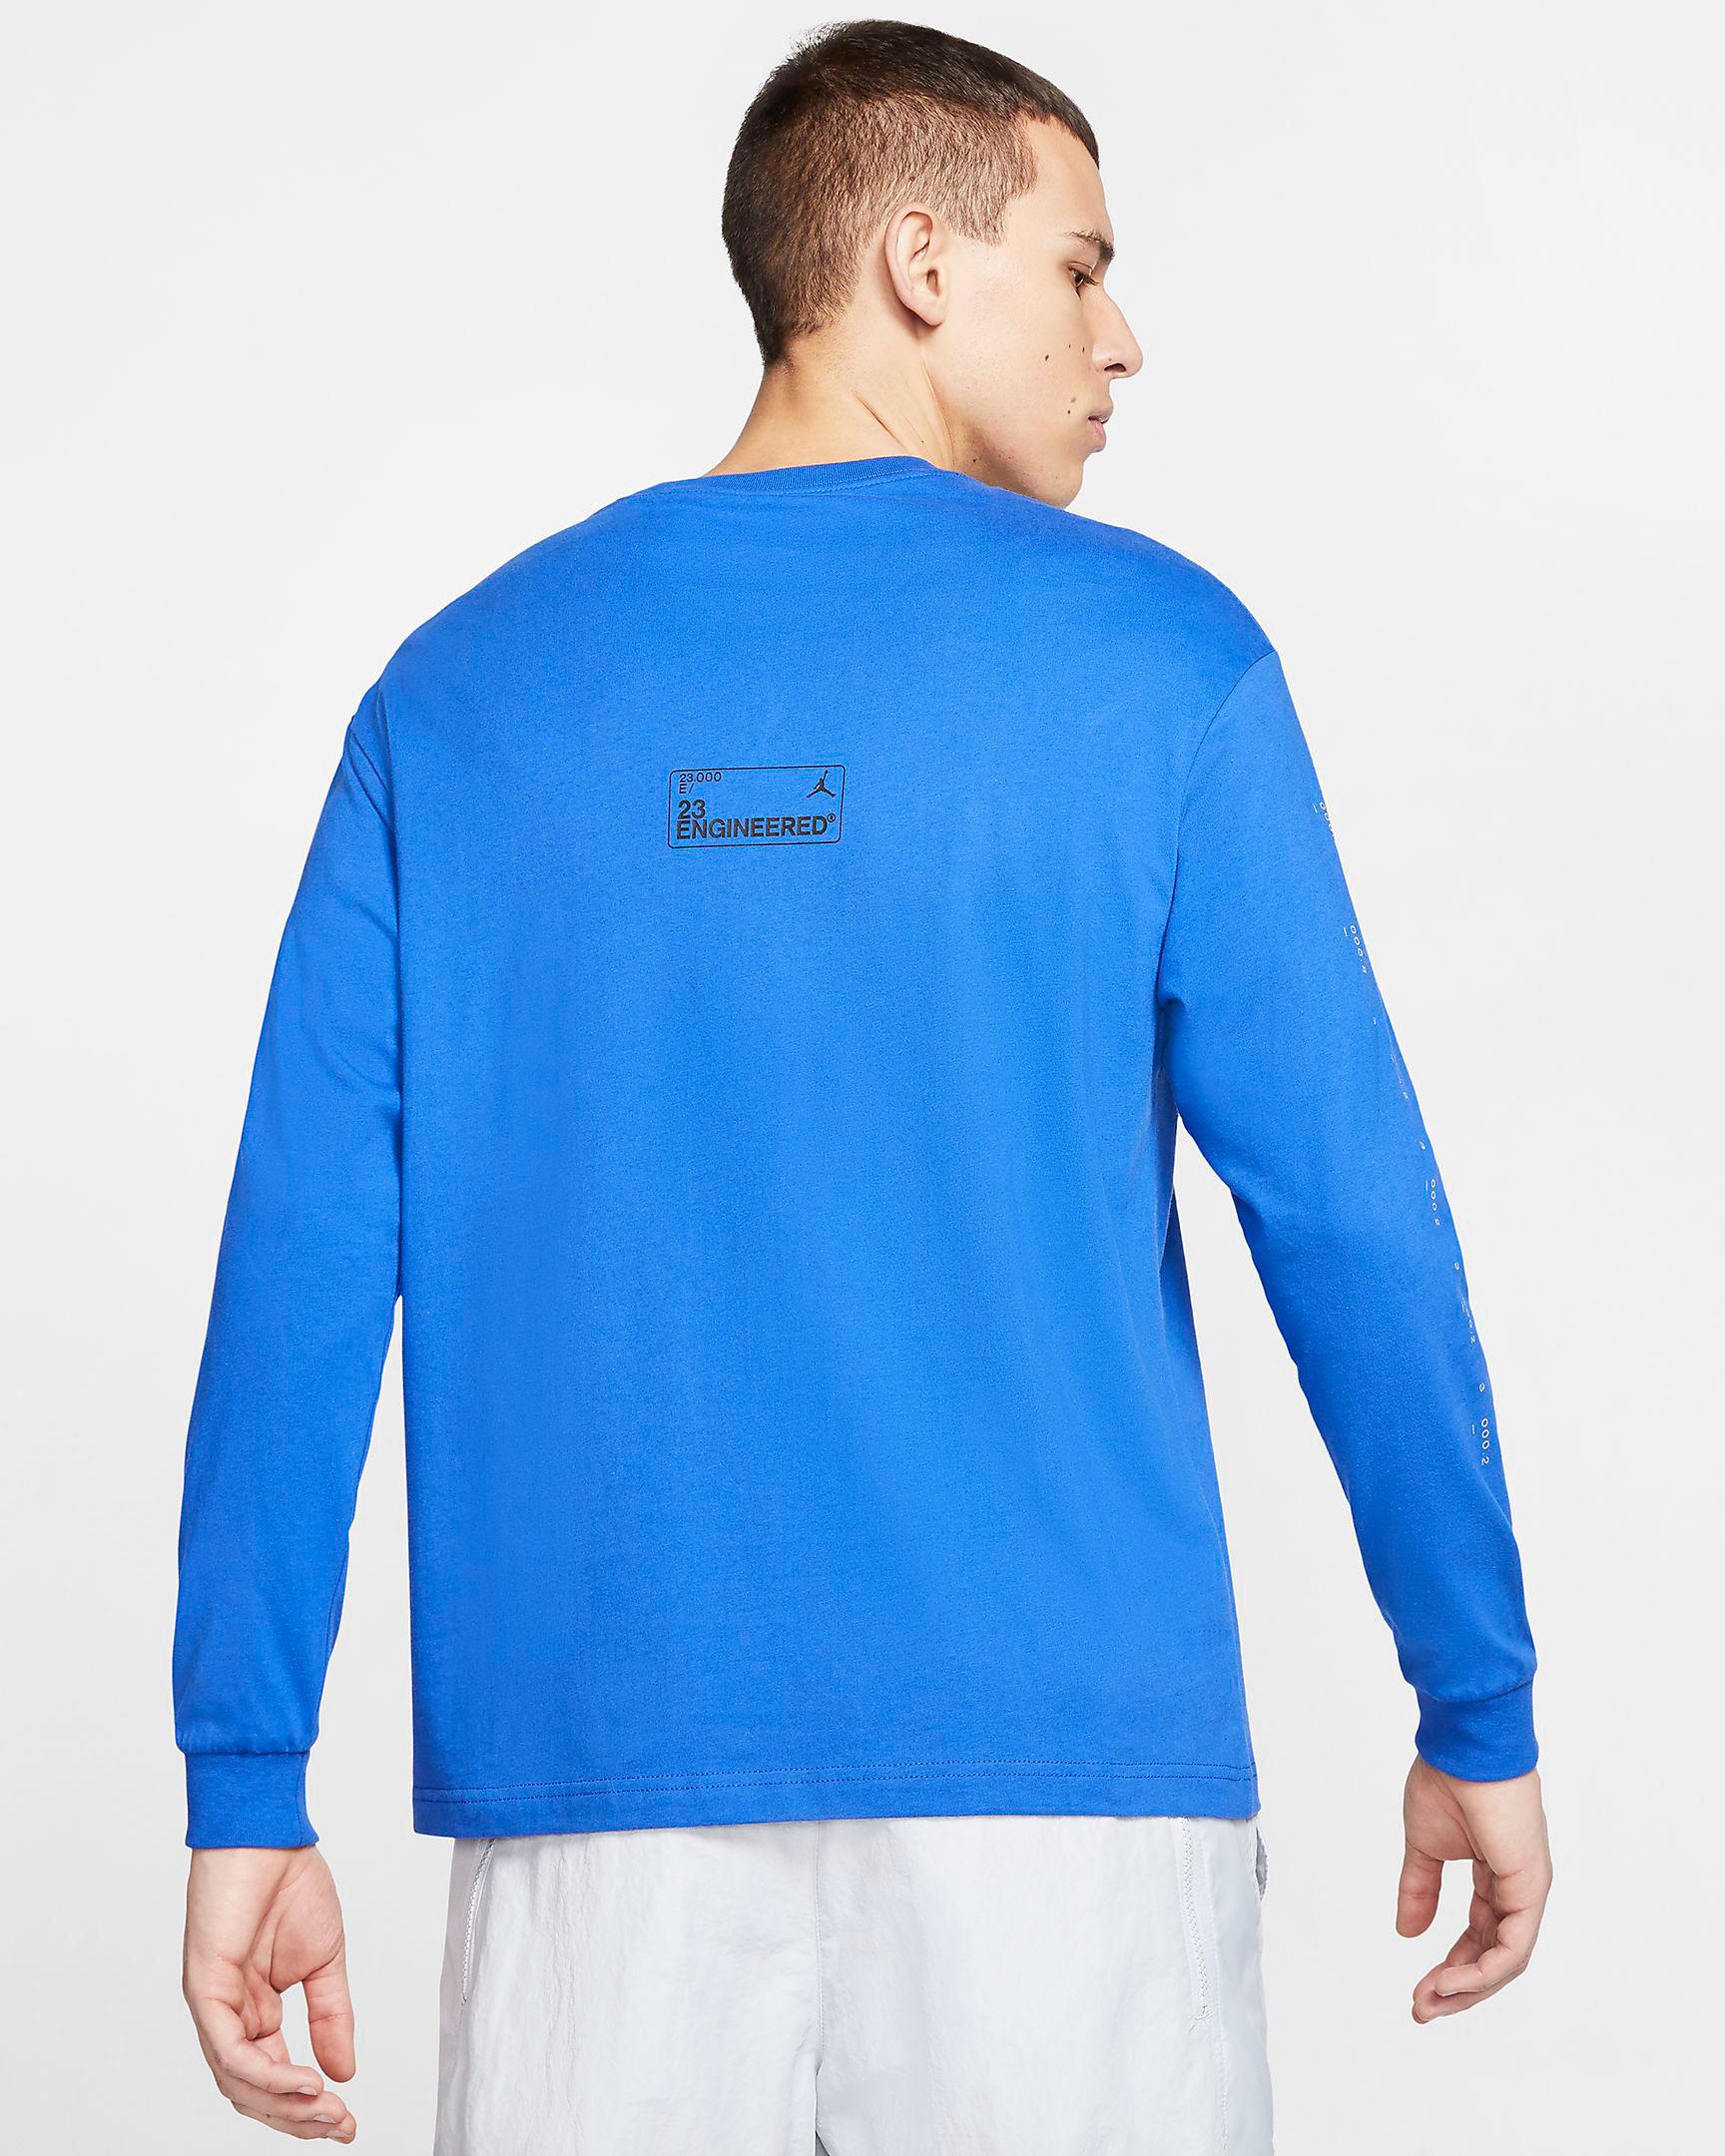 jordan-1-high-royal-toe-long-sleeve-shirt-2